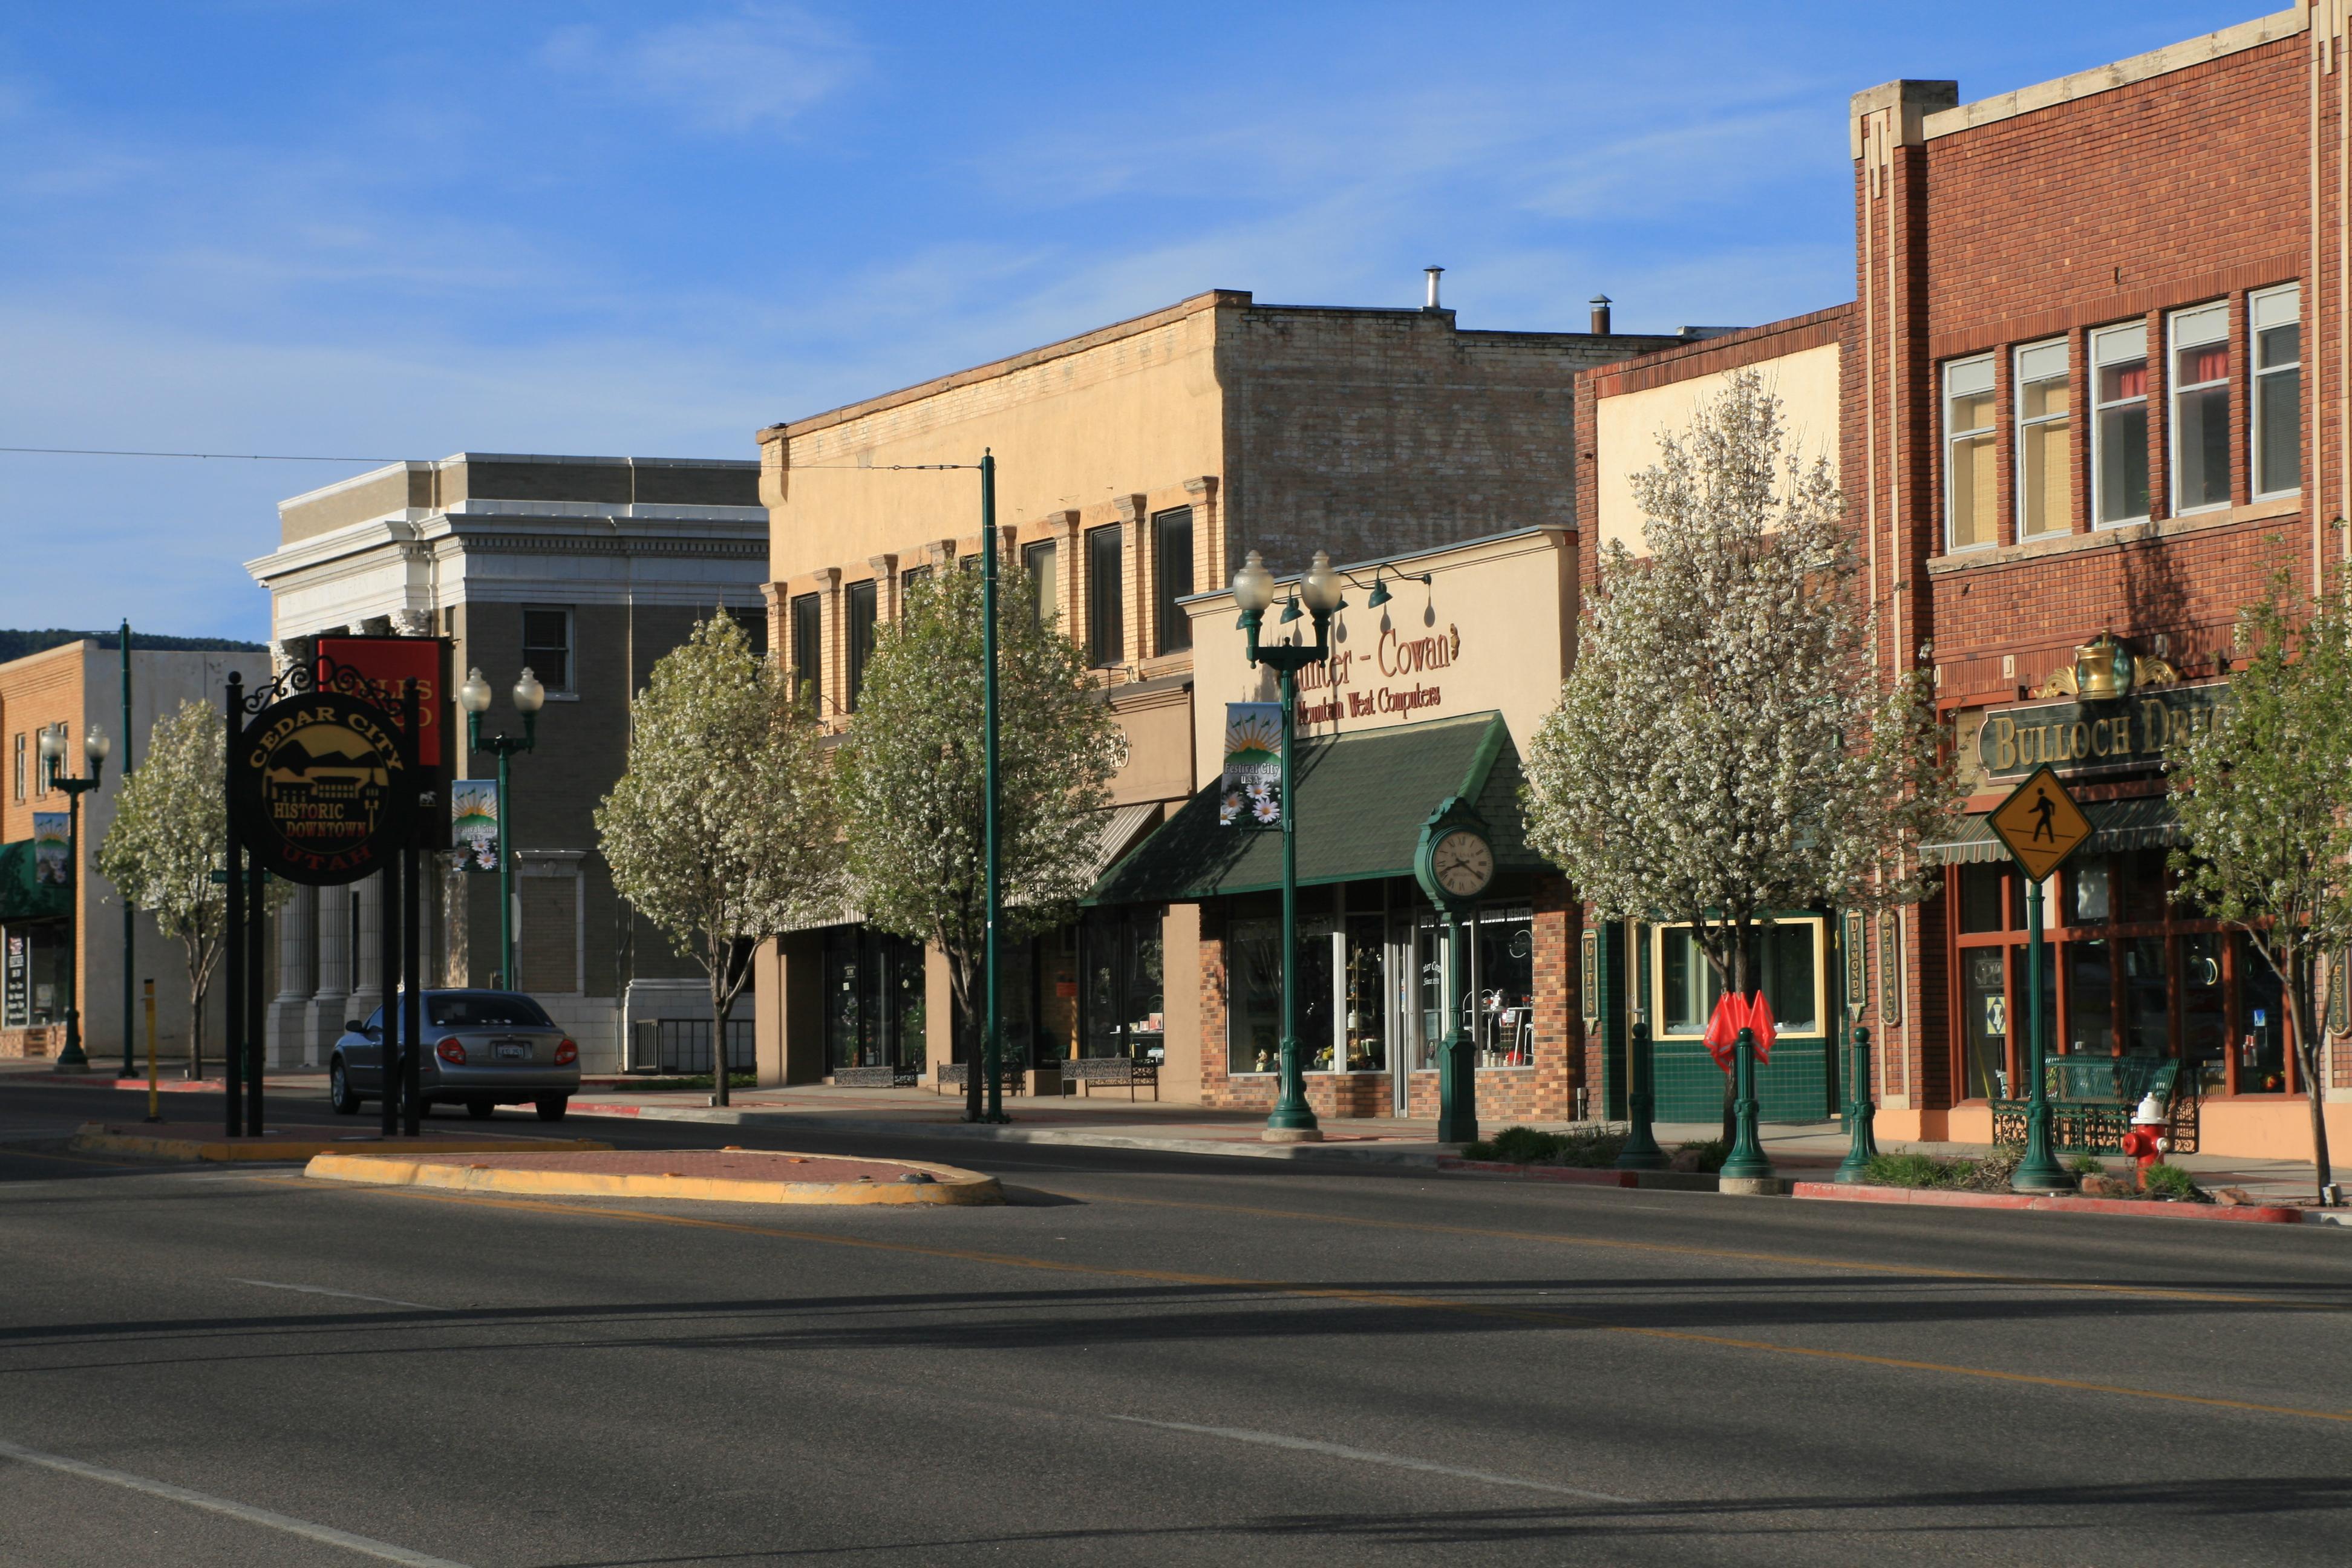 Cedar City, Cedar City Utah, Cedar City Travel Guide, Summer Travel Guide, Travel Destinations for Singles, Stephanie Ziajka, Diary of a Debutante